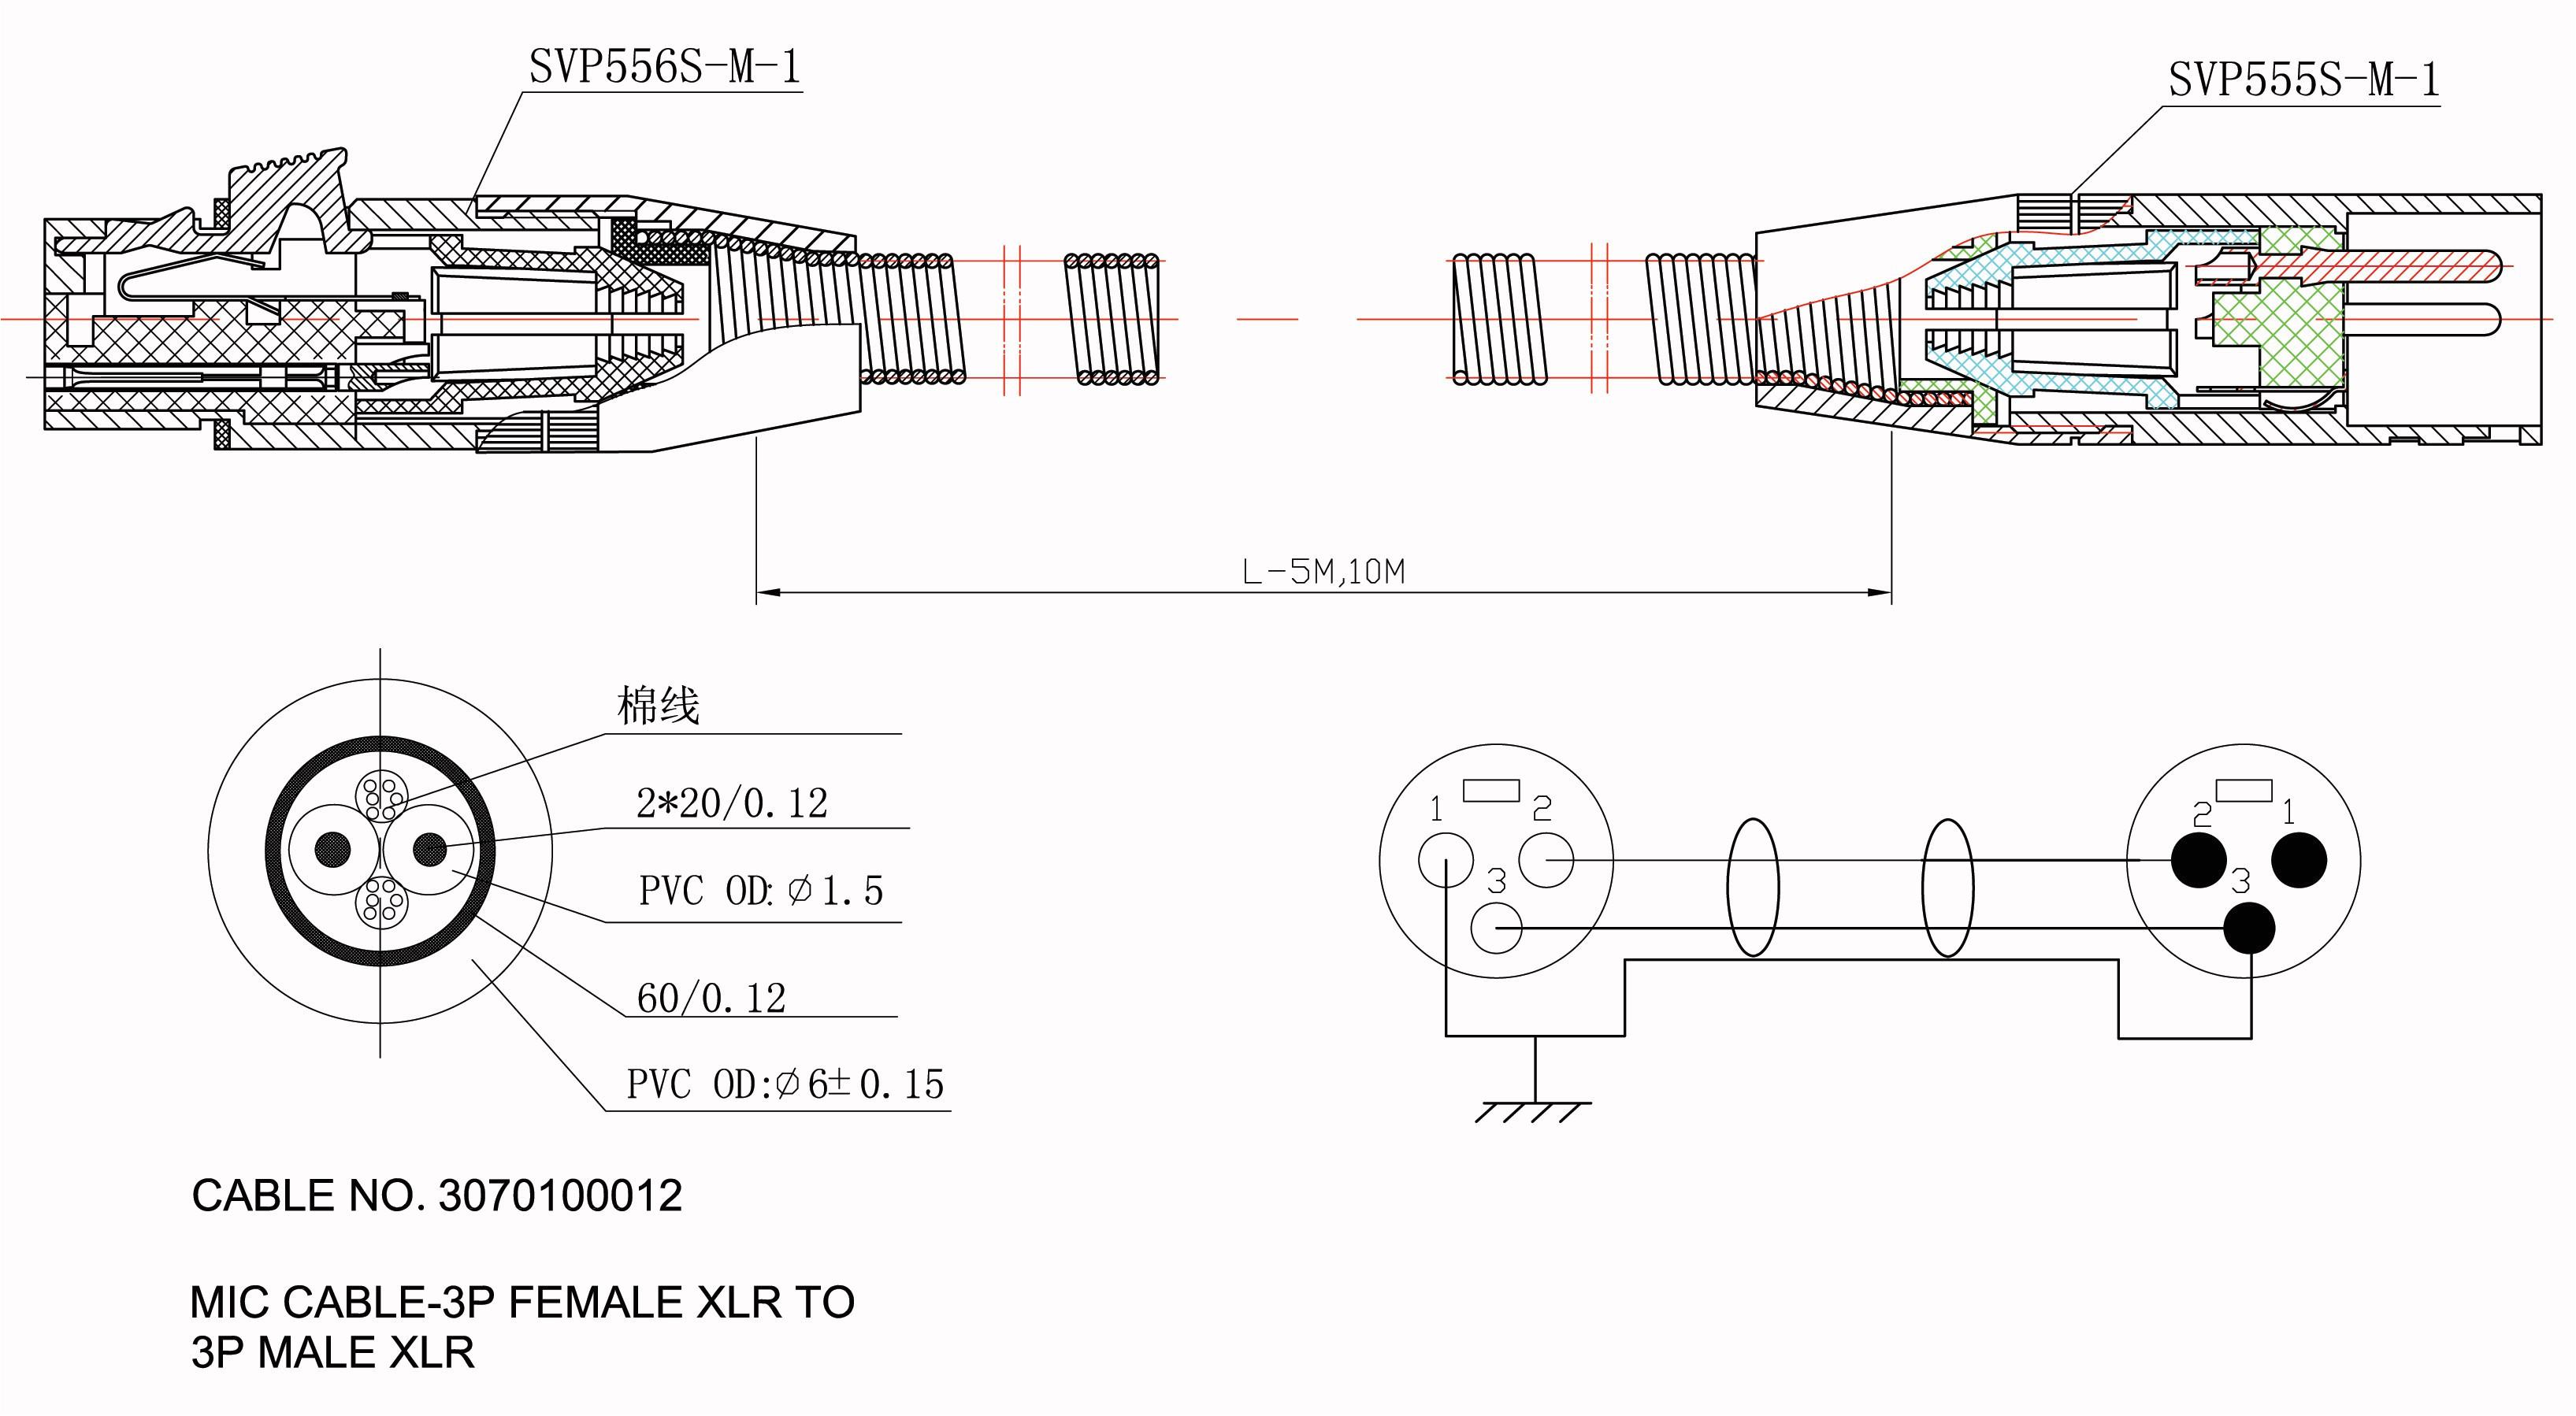 dsl splitter wiring diagram inspirational dsl pots splitter wiring diagram list adsl rj11 wiring diagram jpg